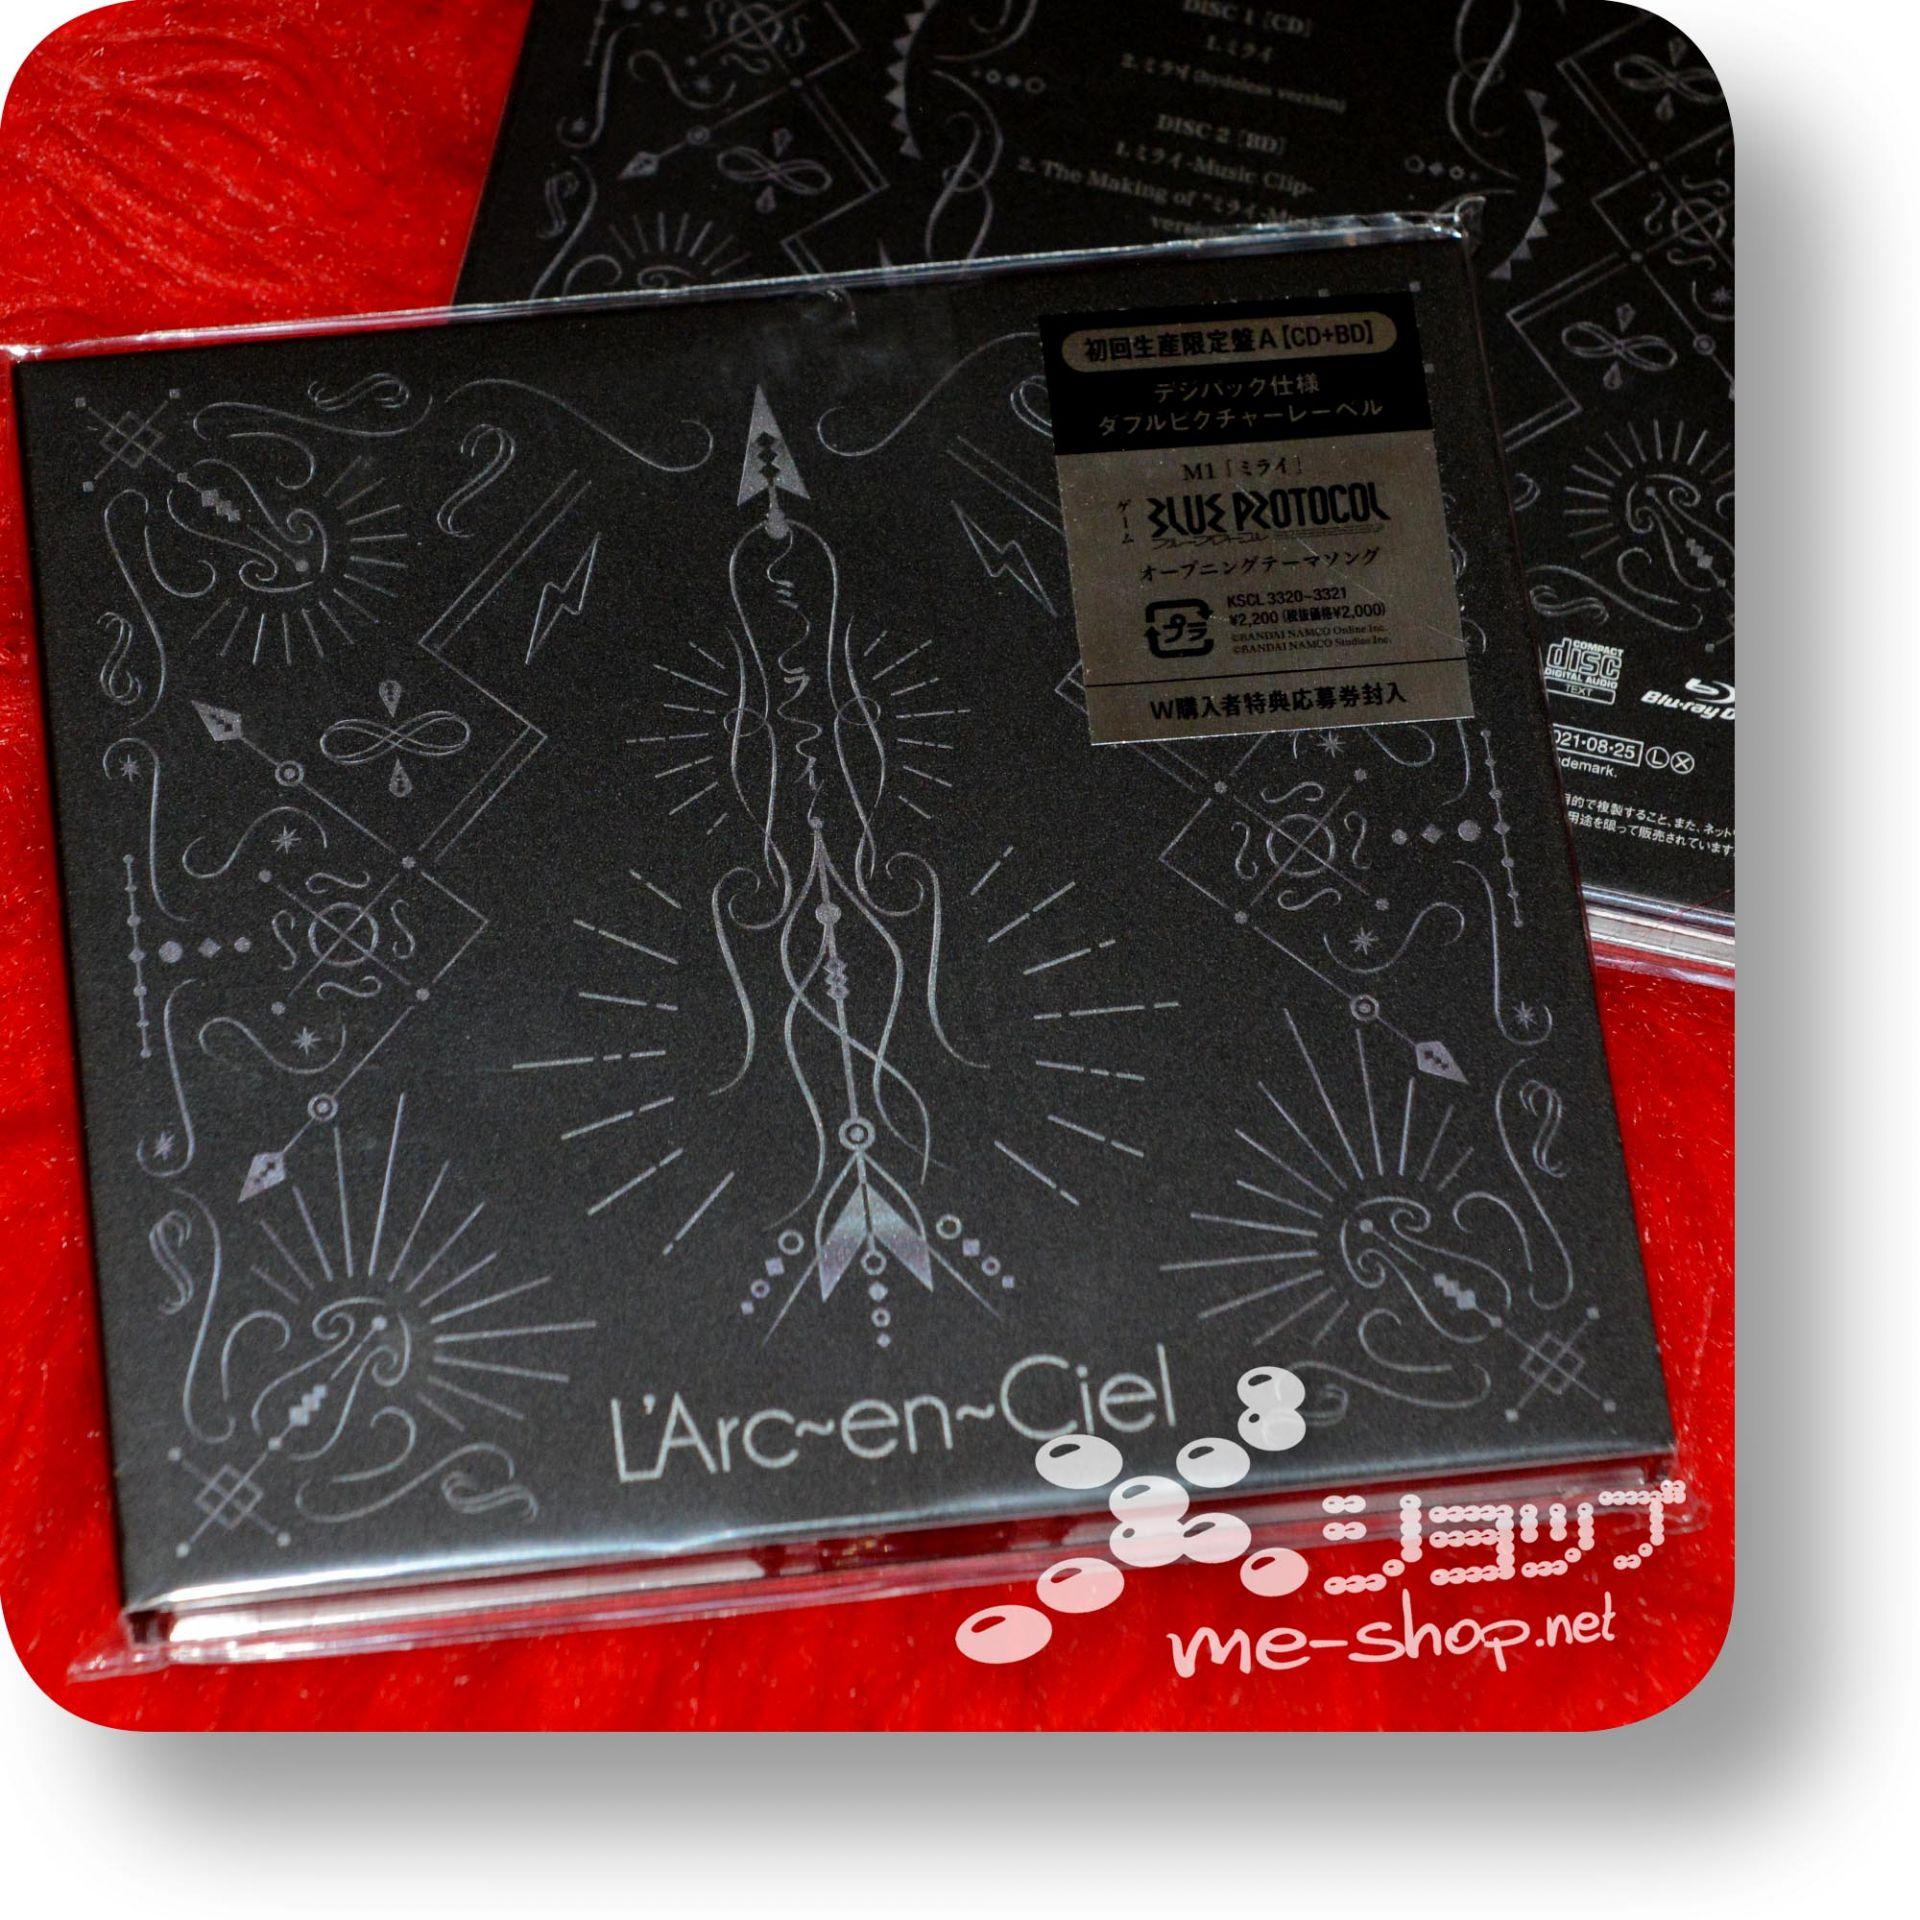 larc en ciel mirai cd+bd